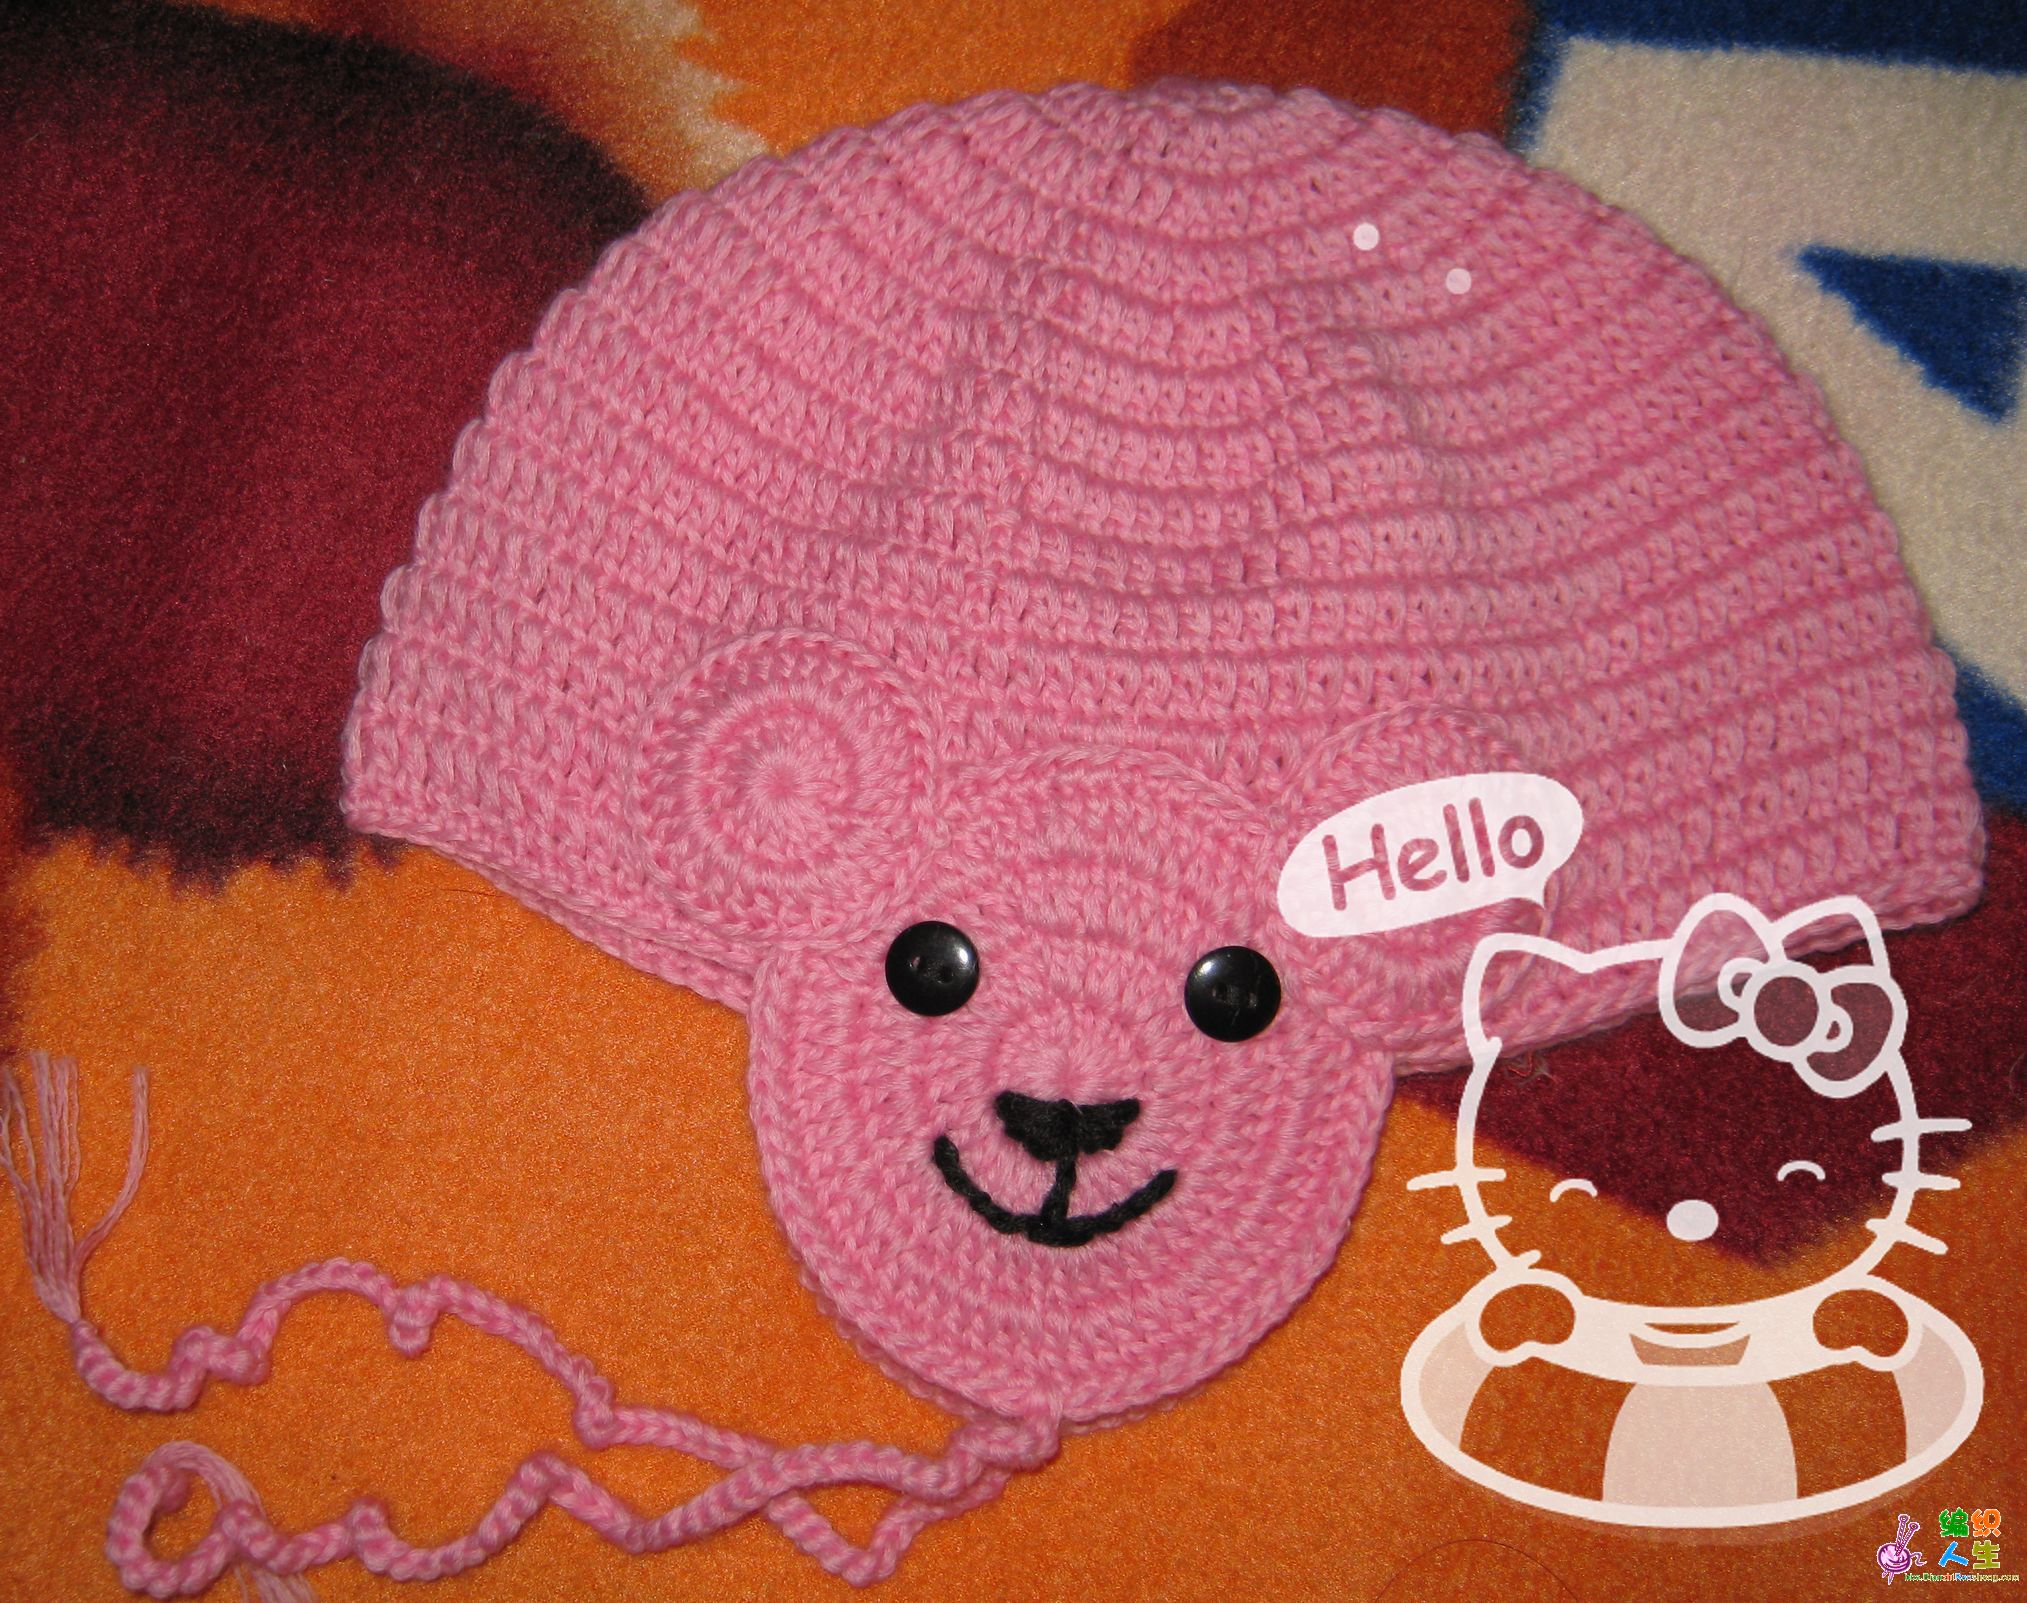 钩针编织作品区 69 披肩围巾帽子(钩针) 69 再传粉色护耳小熊帽